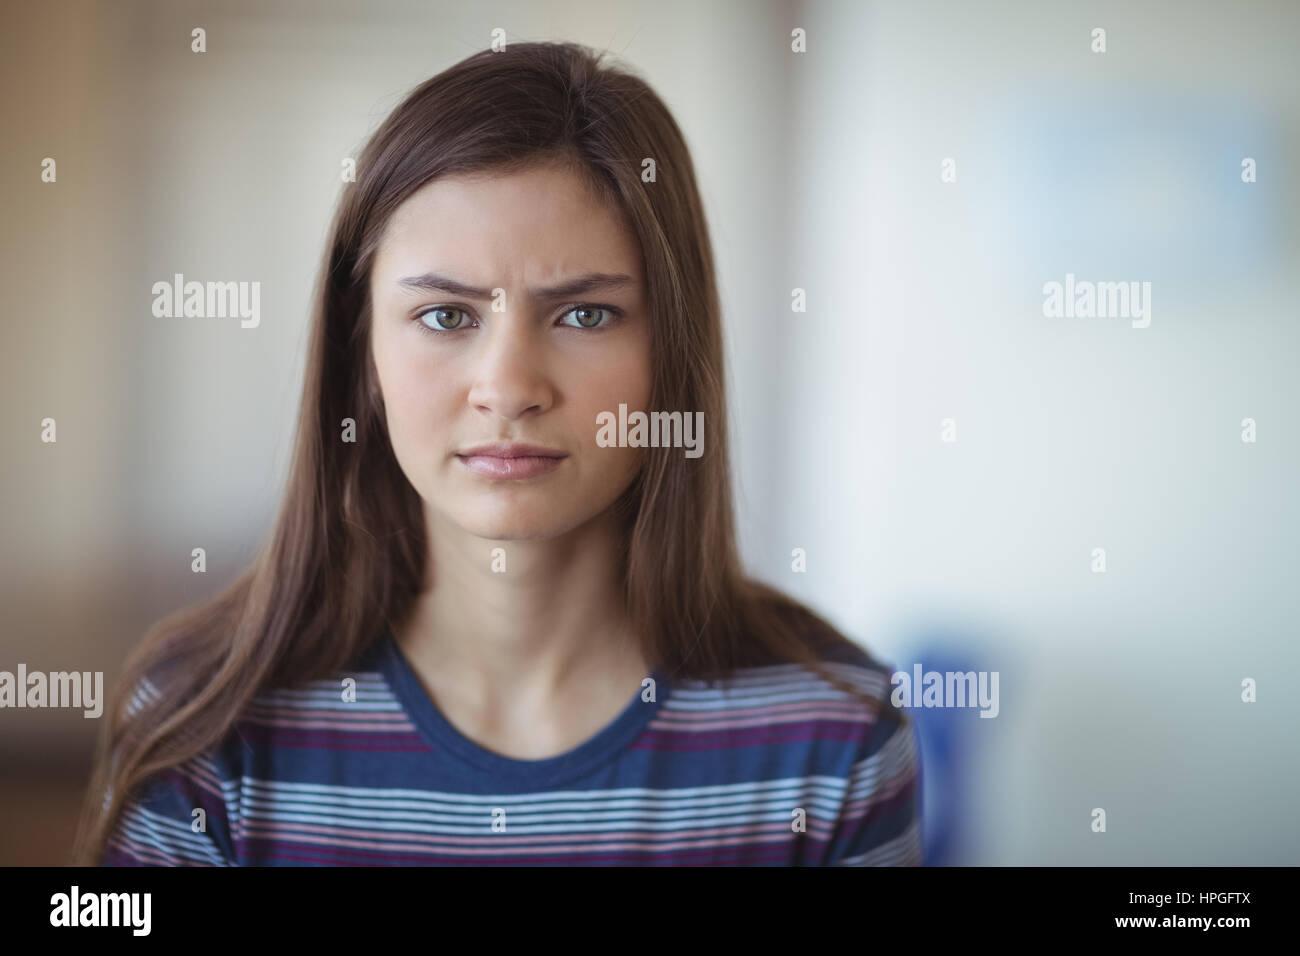 Portrait of sad schoolgirl in school - Stock Image